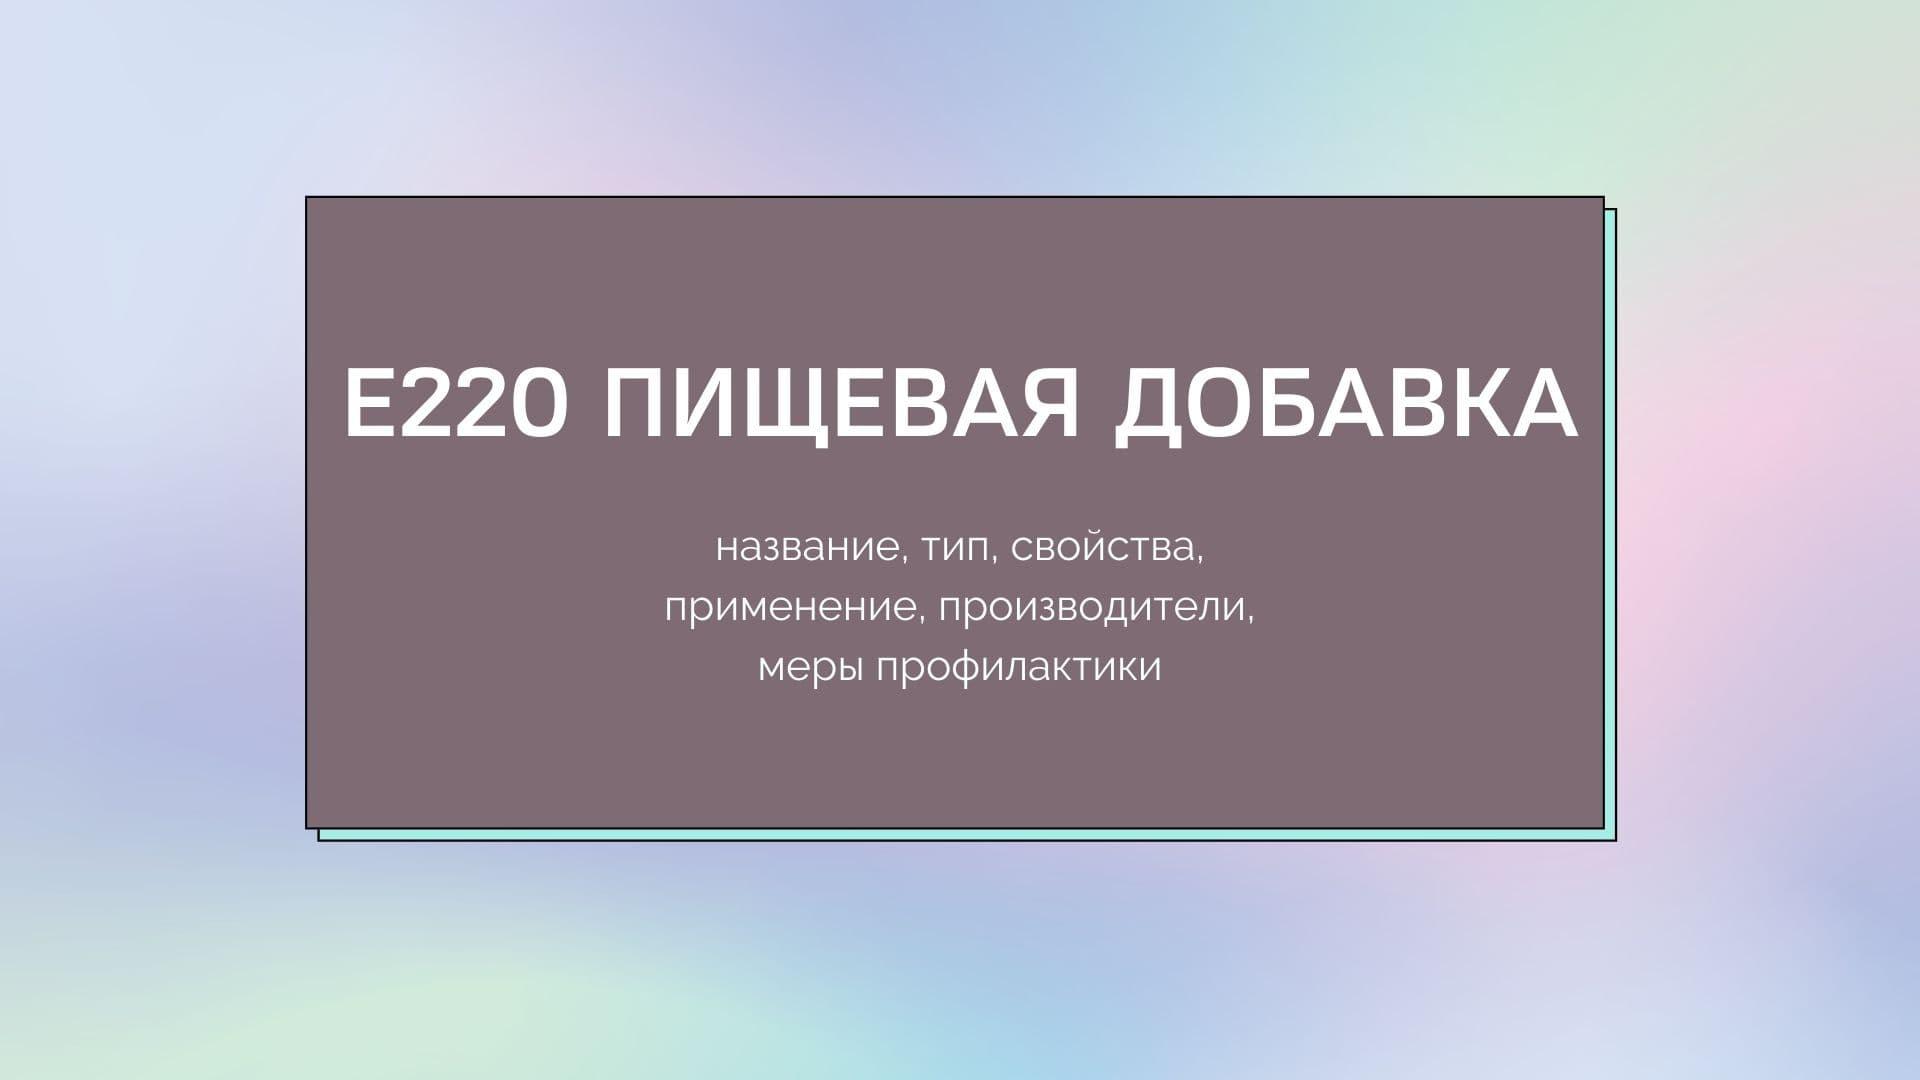 Е220 пищевая добавка: название, тип, свойства, применение, производители, меры профилактики